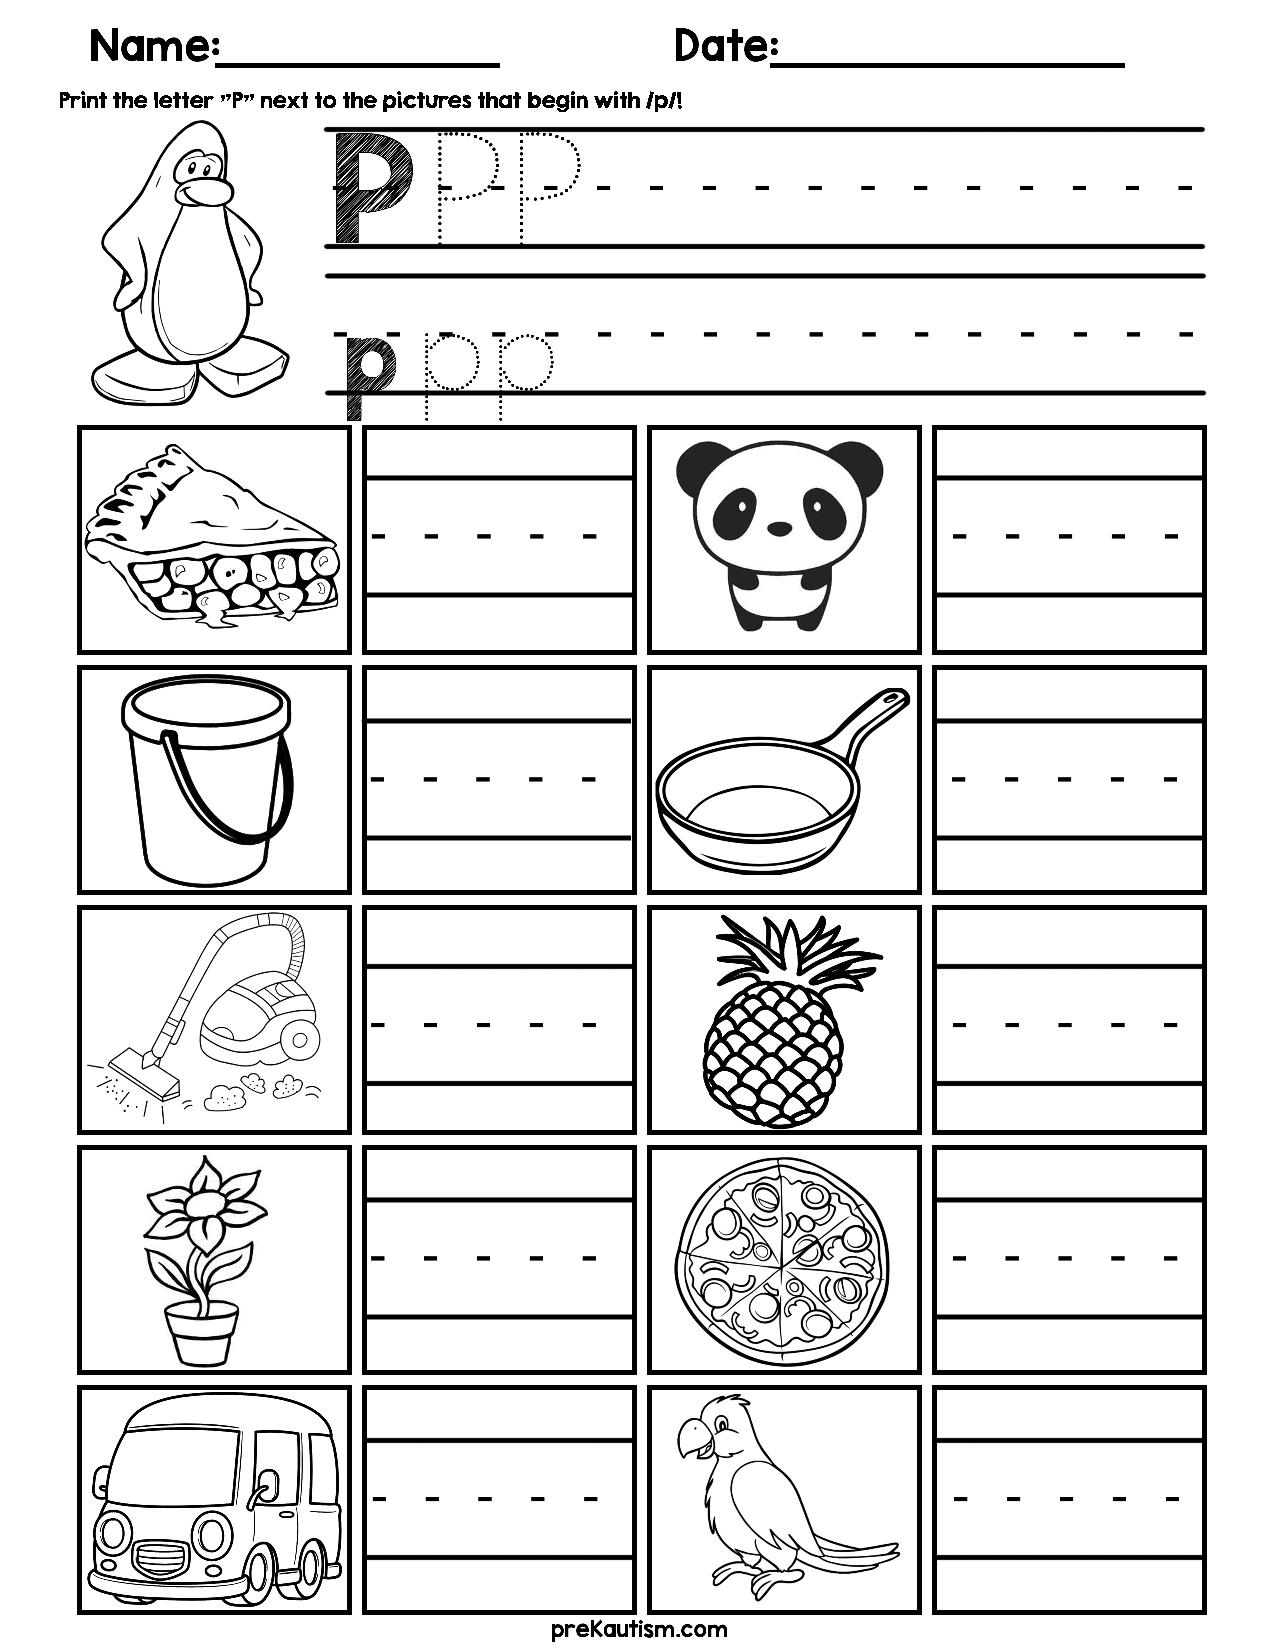 Initial Consonant Practice Worksheets Kindergarten Writing Practices Worksheets Alphabet Activities [ 1650 x 1275 Pixel ]